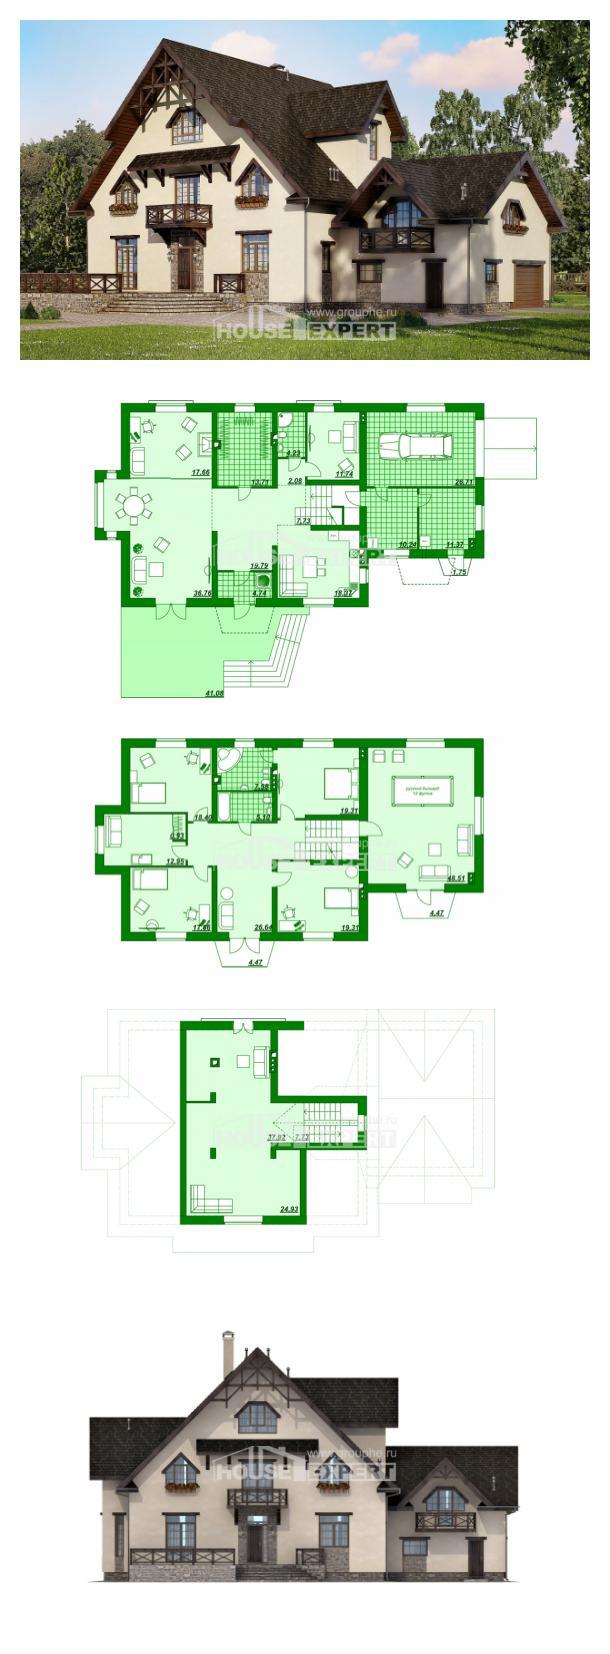 Plan 435-002-R   House Expert